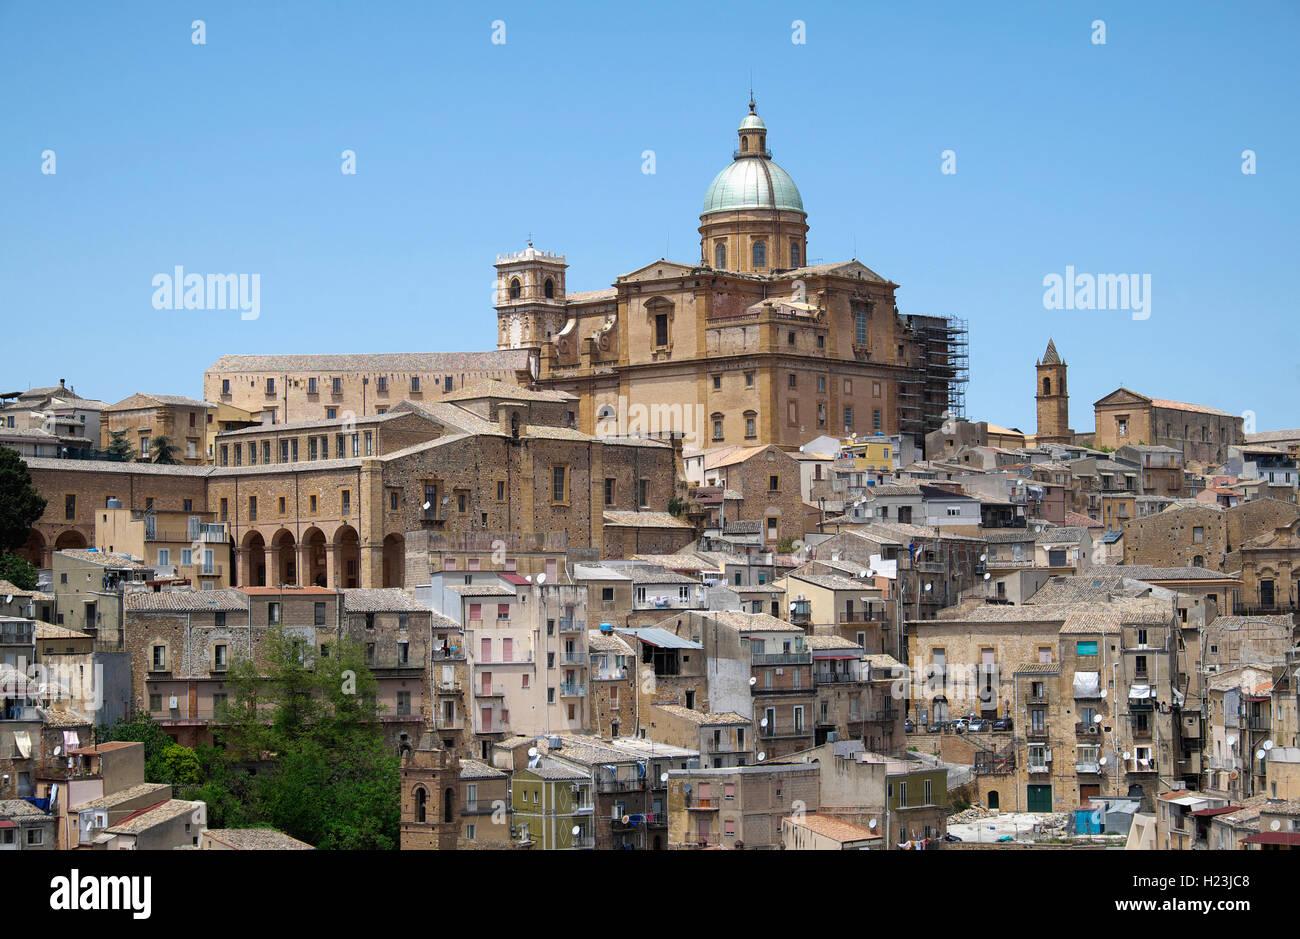 La catedral y el centro histórico de Piazza Armerina, Sicilia, Italia Imagen De Stock